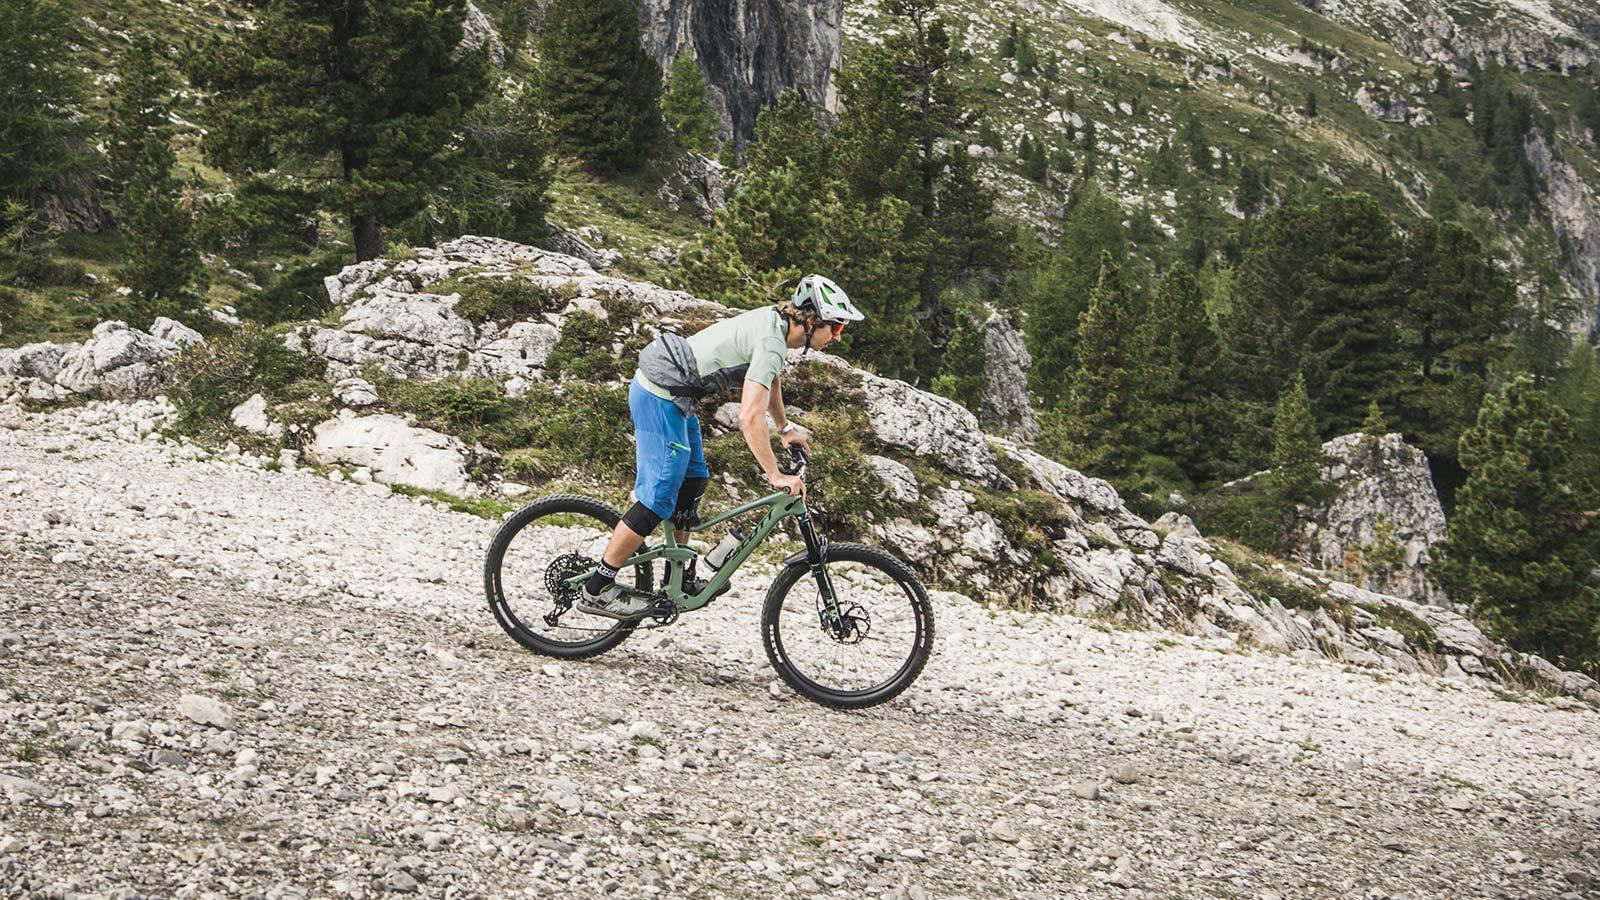 Event Knödeljagd 2021 Gröden Val Gardena - Downhill